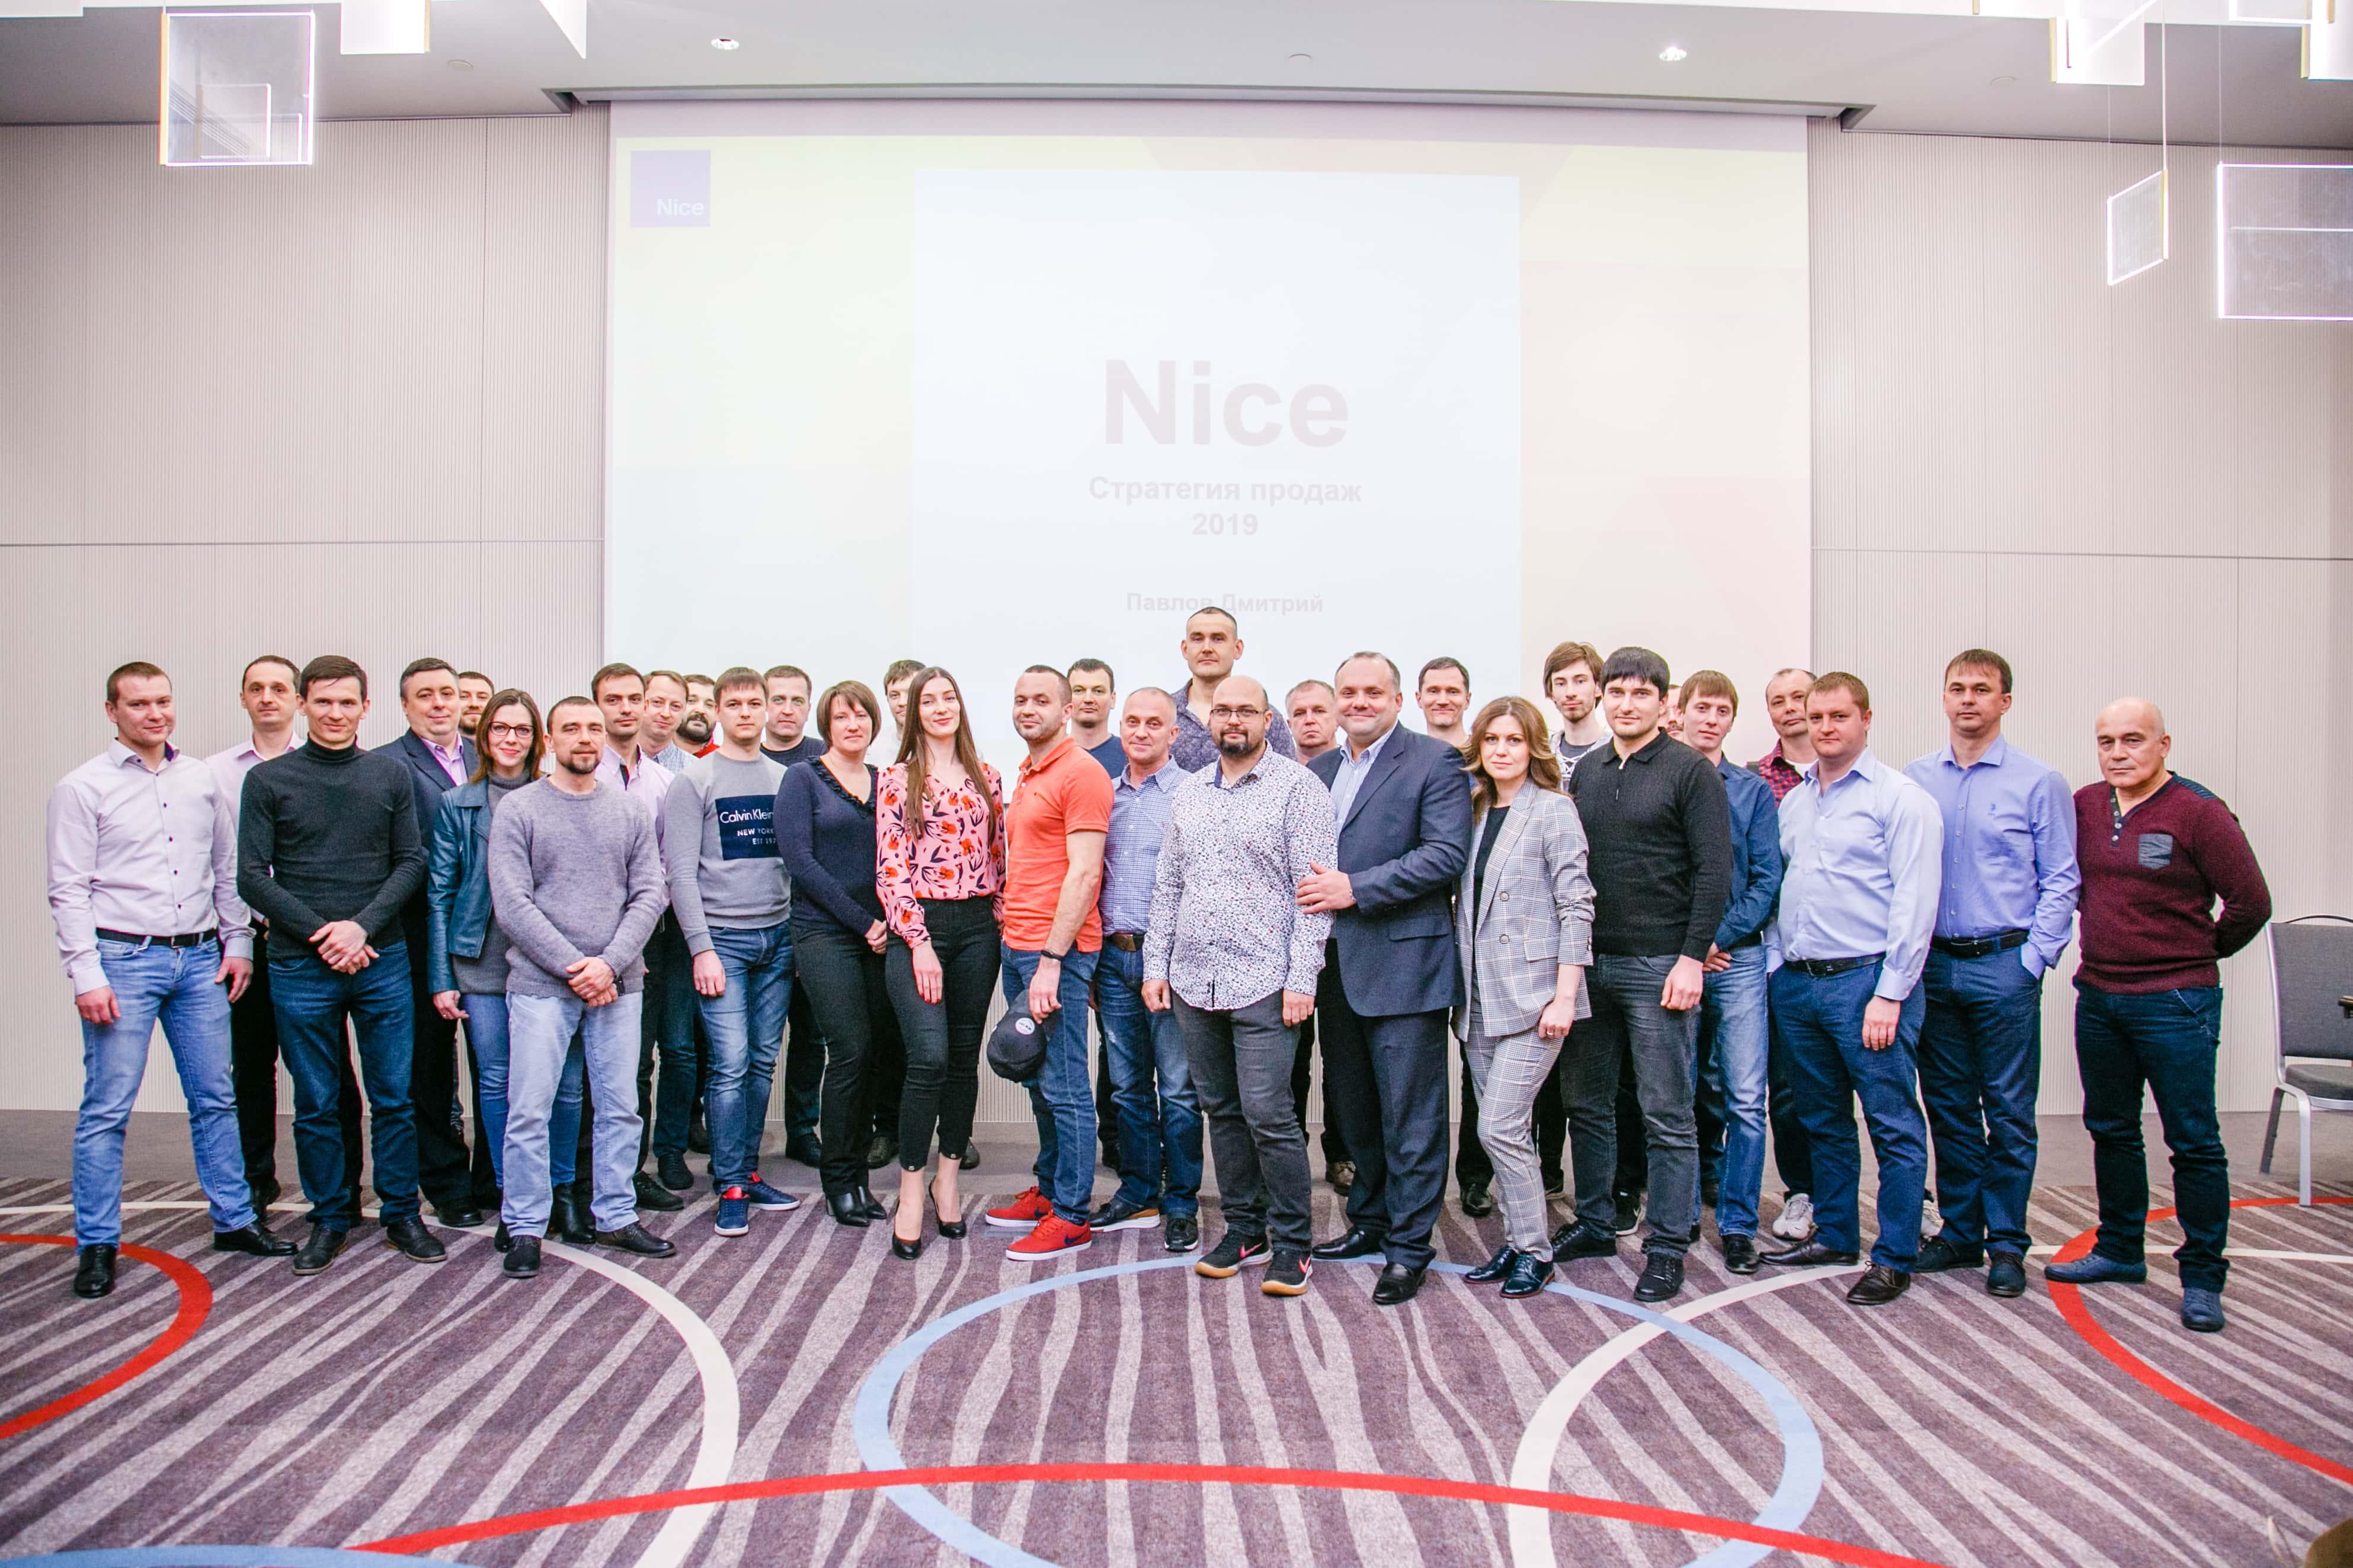 Ежегодное мероприятие Big Nice Day 2019 в Краснодаре — состоялось!